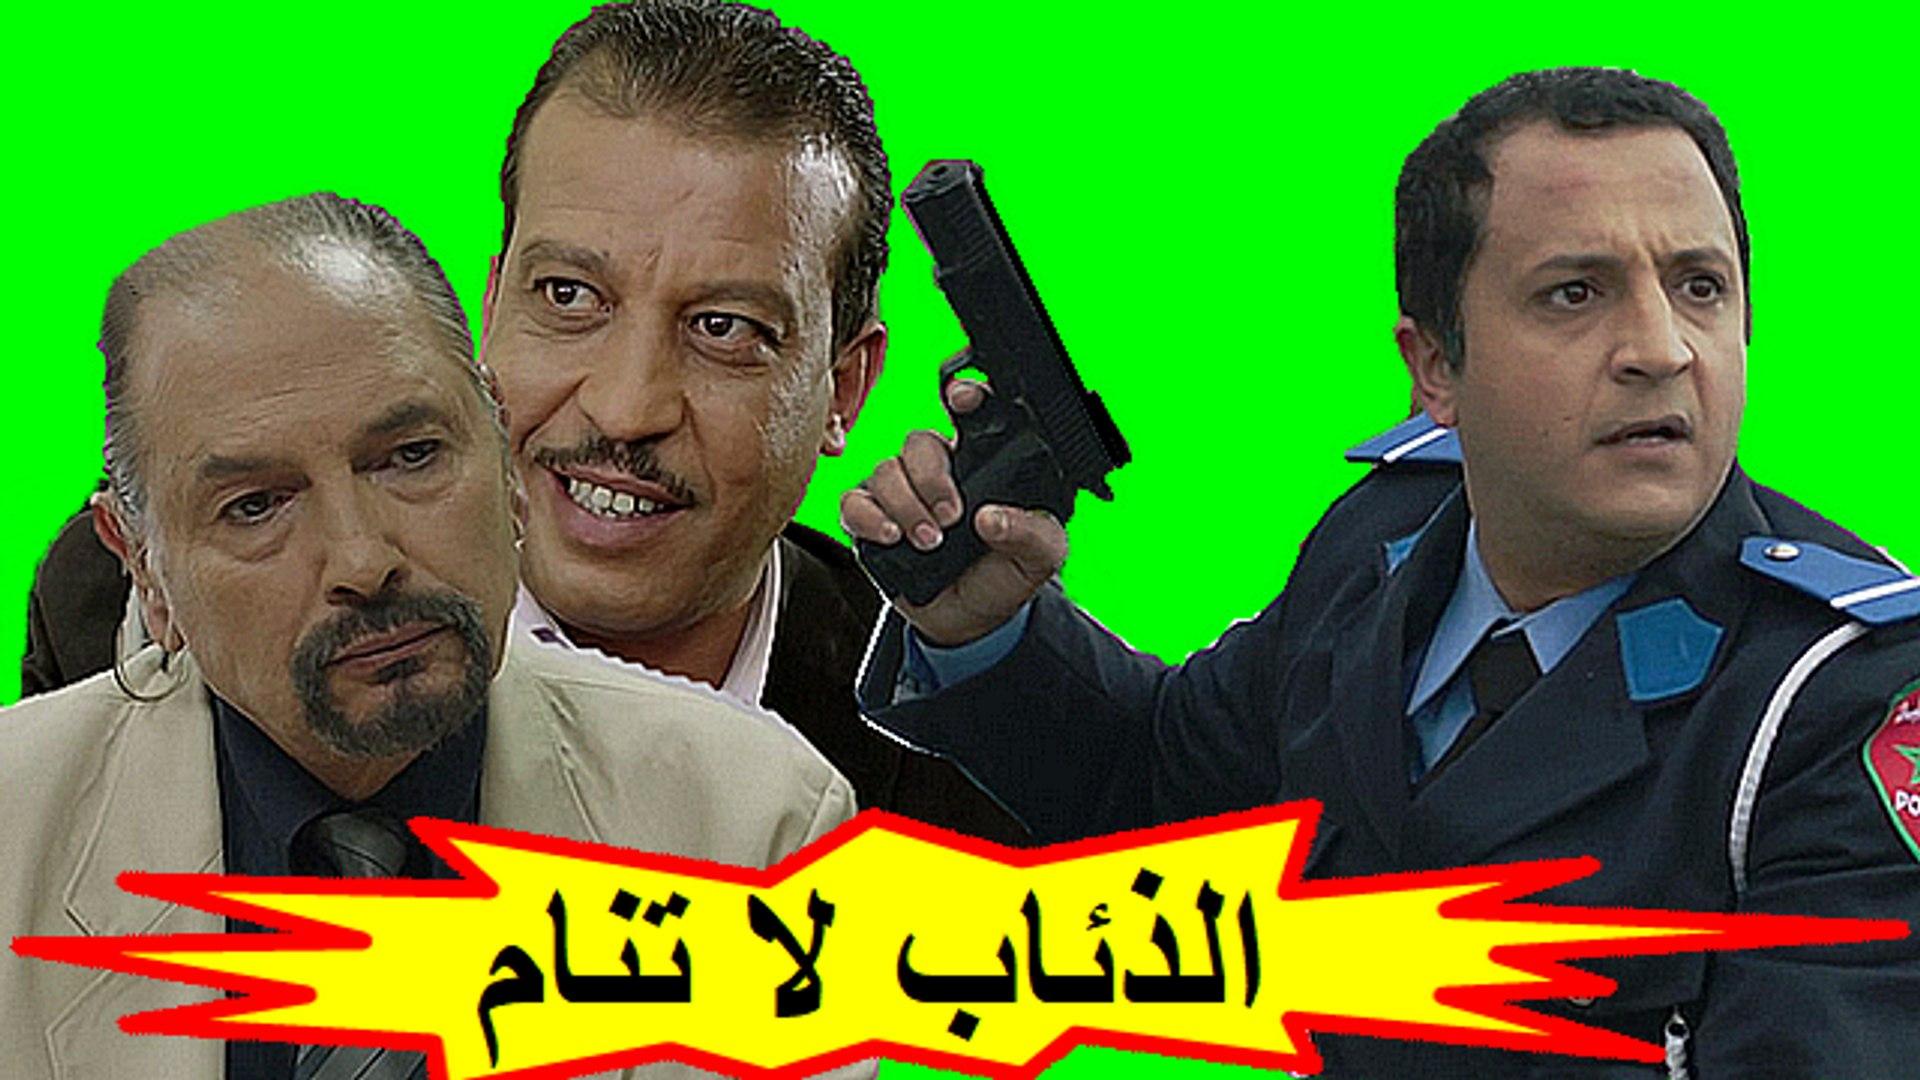 HD فيلم الأكشن المغربي - الذئاب لا تنام - الفصل الثاني شاشة كاملة